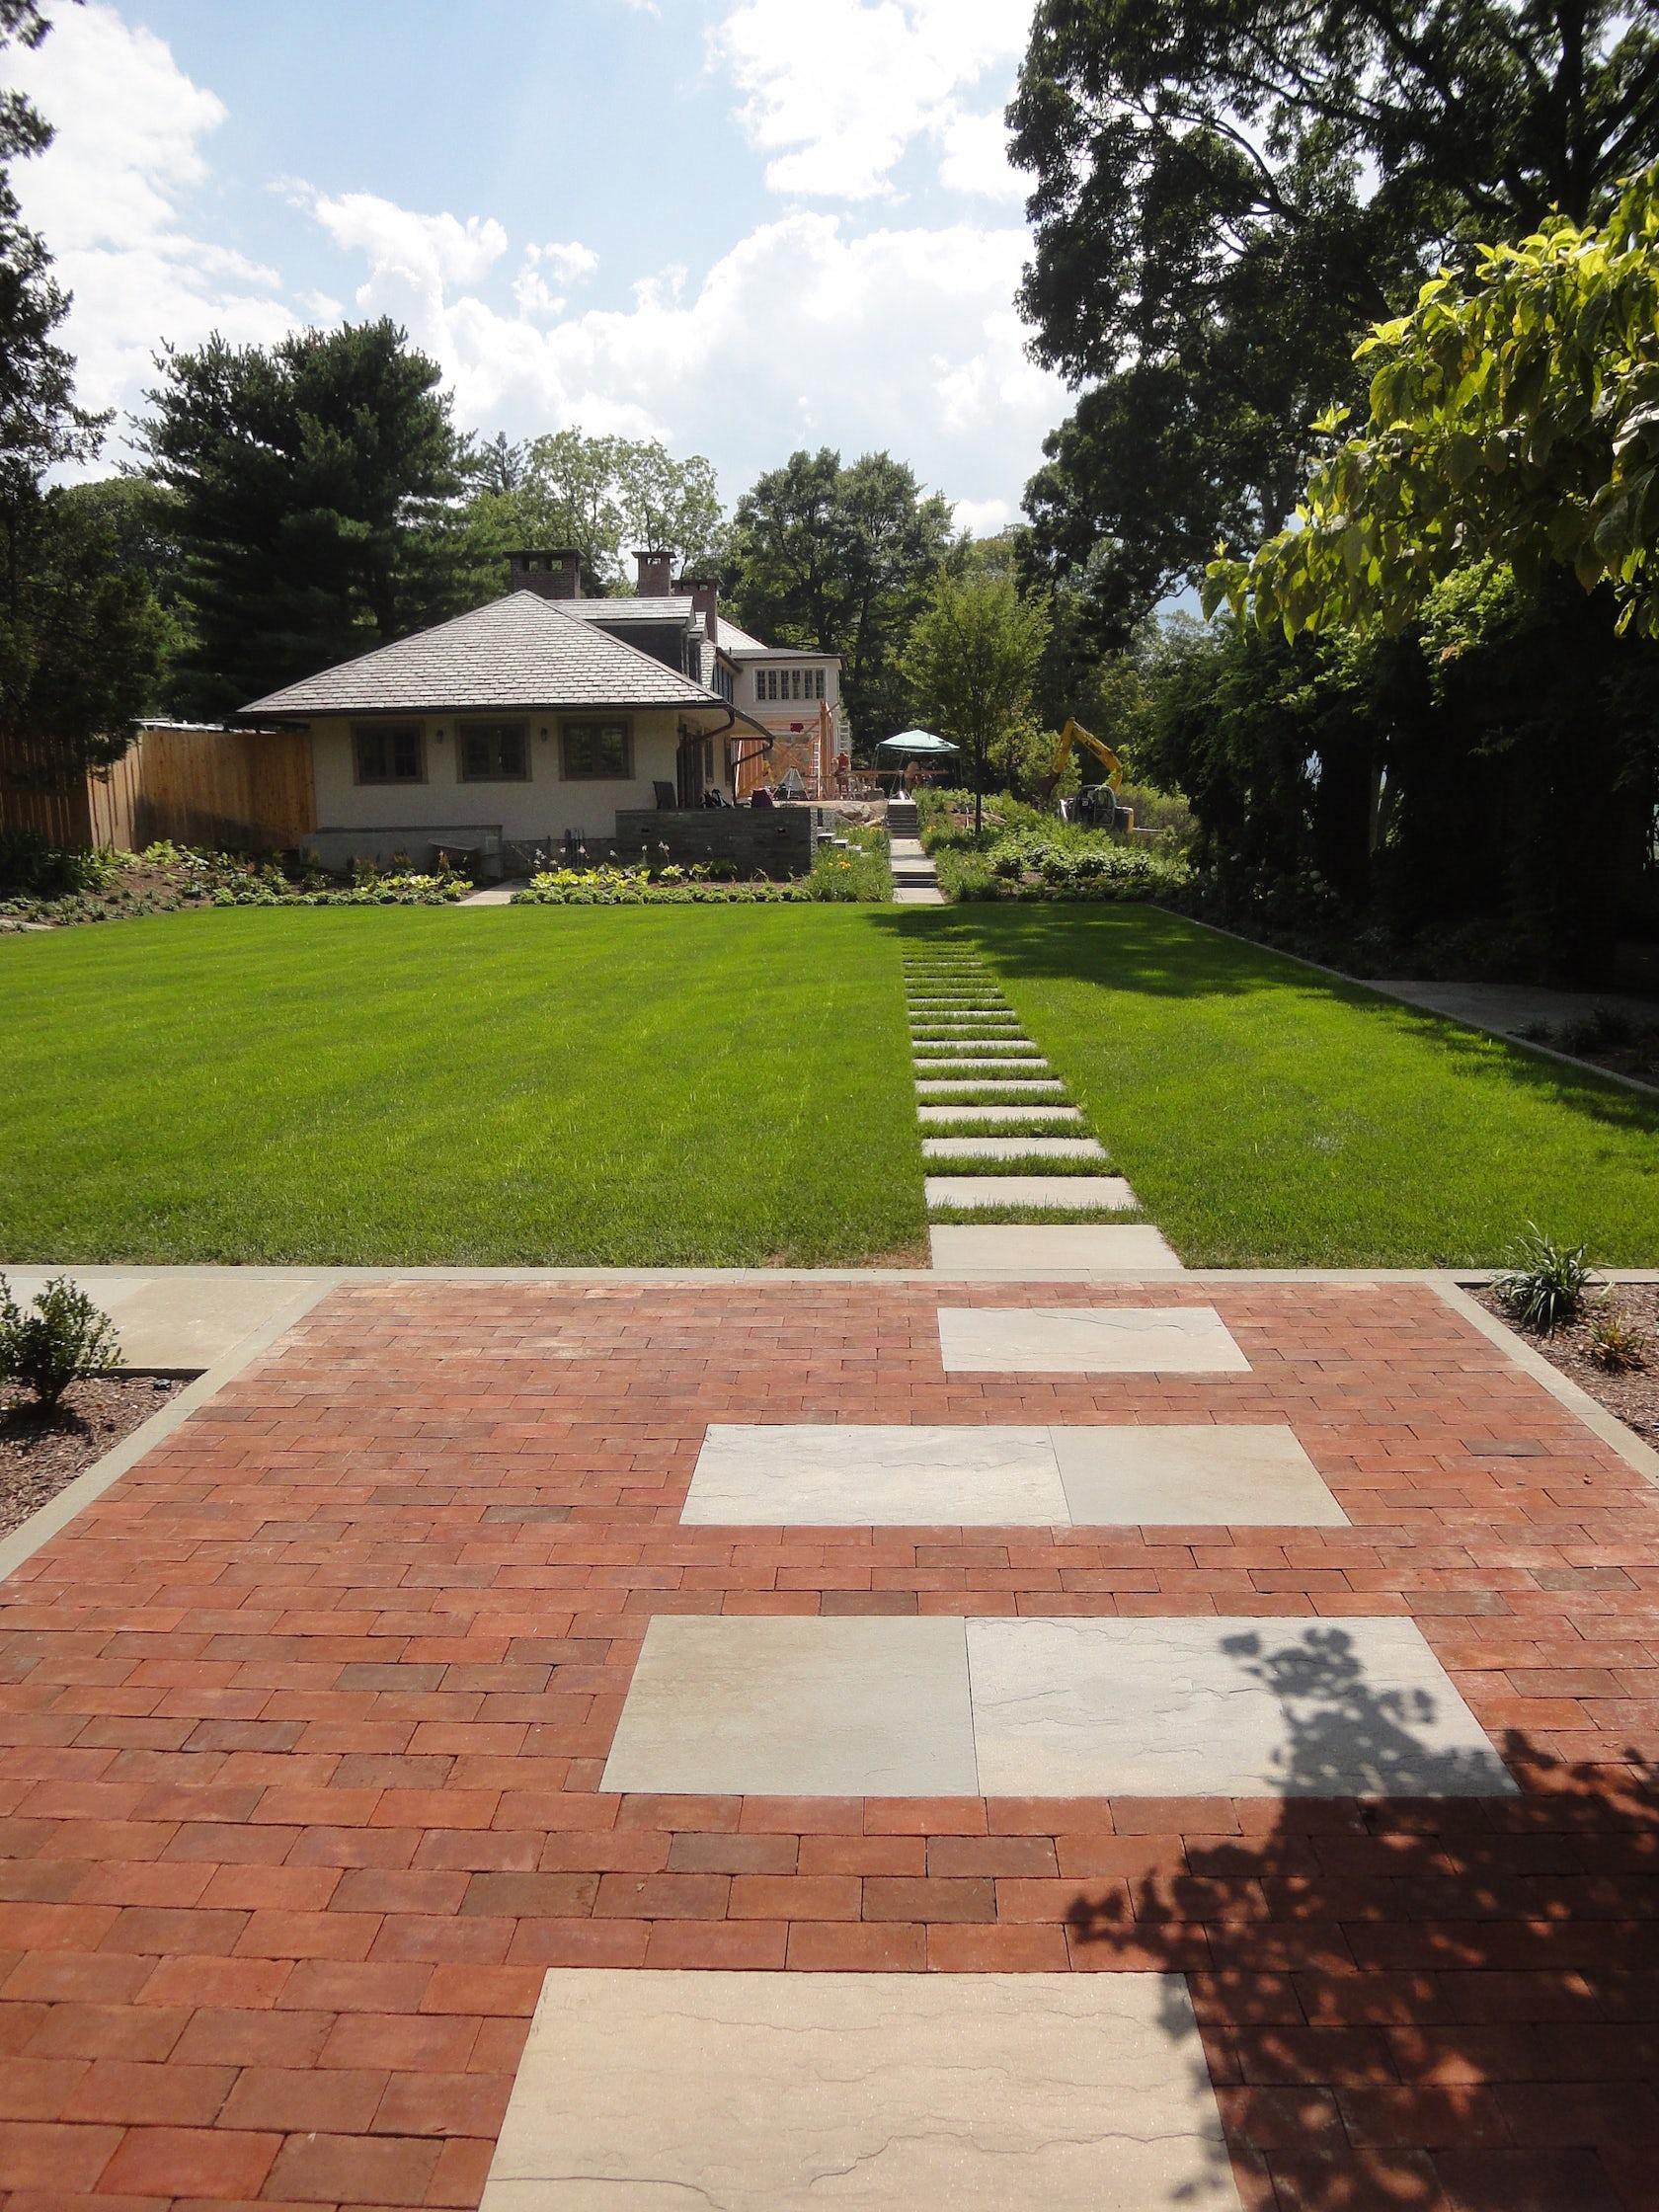 Todd rader amy crews architecture landscape architecture for Landscape architecture firms